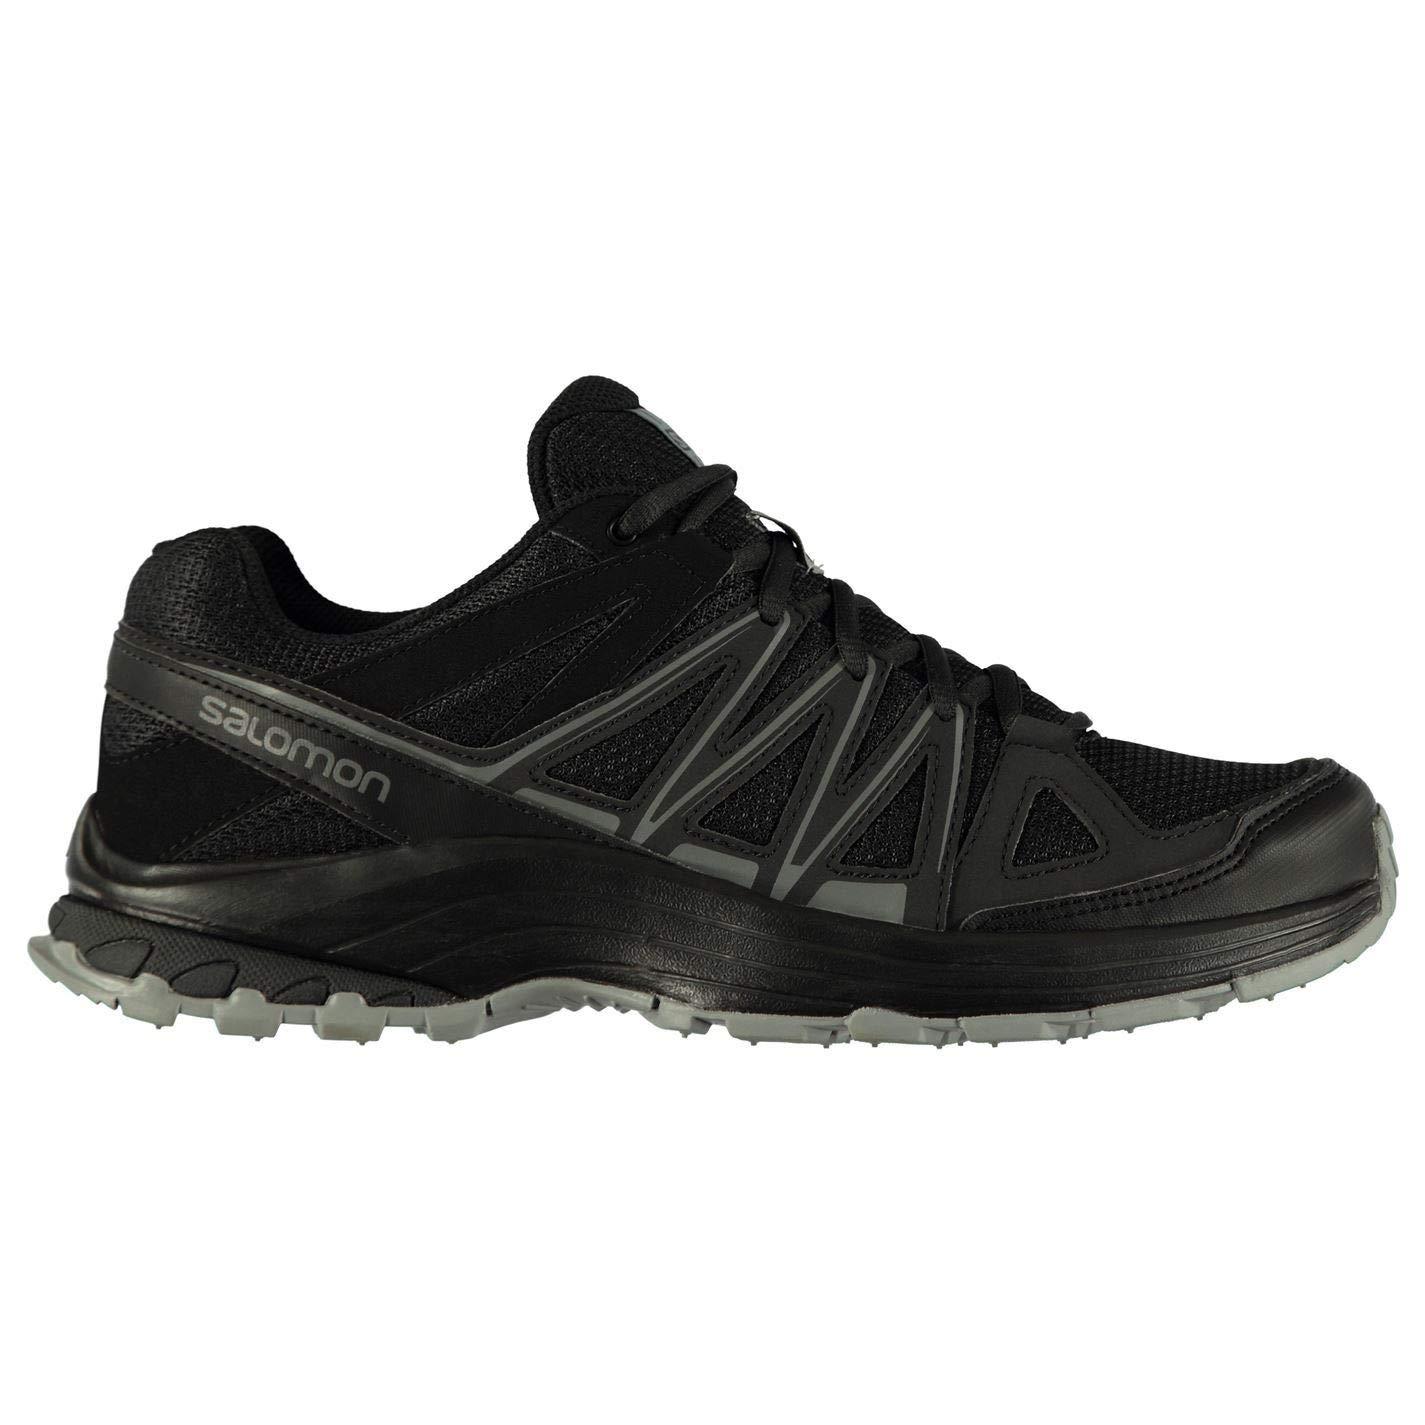 Noir 42 EU Salomon XA Bondcliff 2 Chaussures de Trail pour Homme